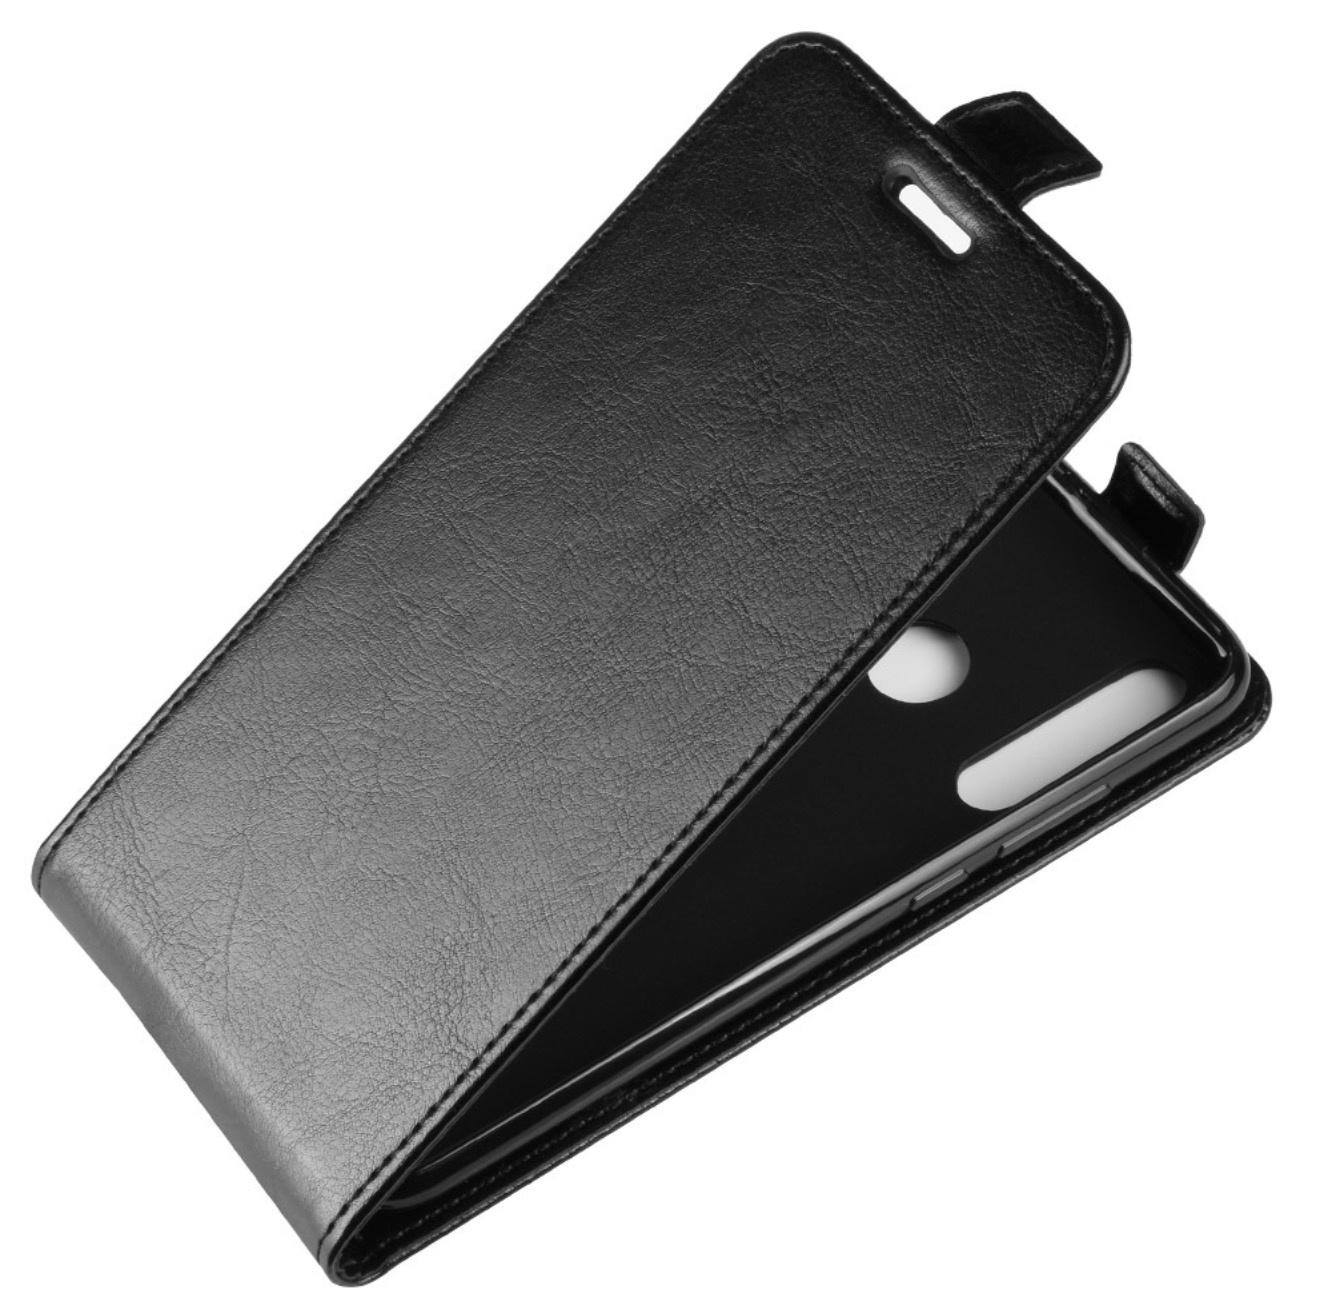 Чехол-флип MyPads для HTC One A9/HTC Aero/HTC A9w 5.0 вертикальный откидной черный все цены